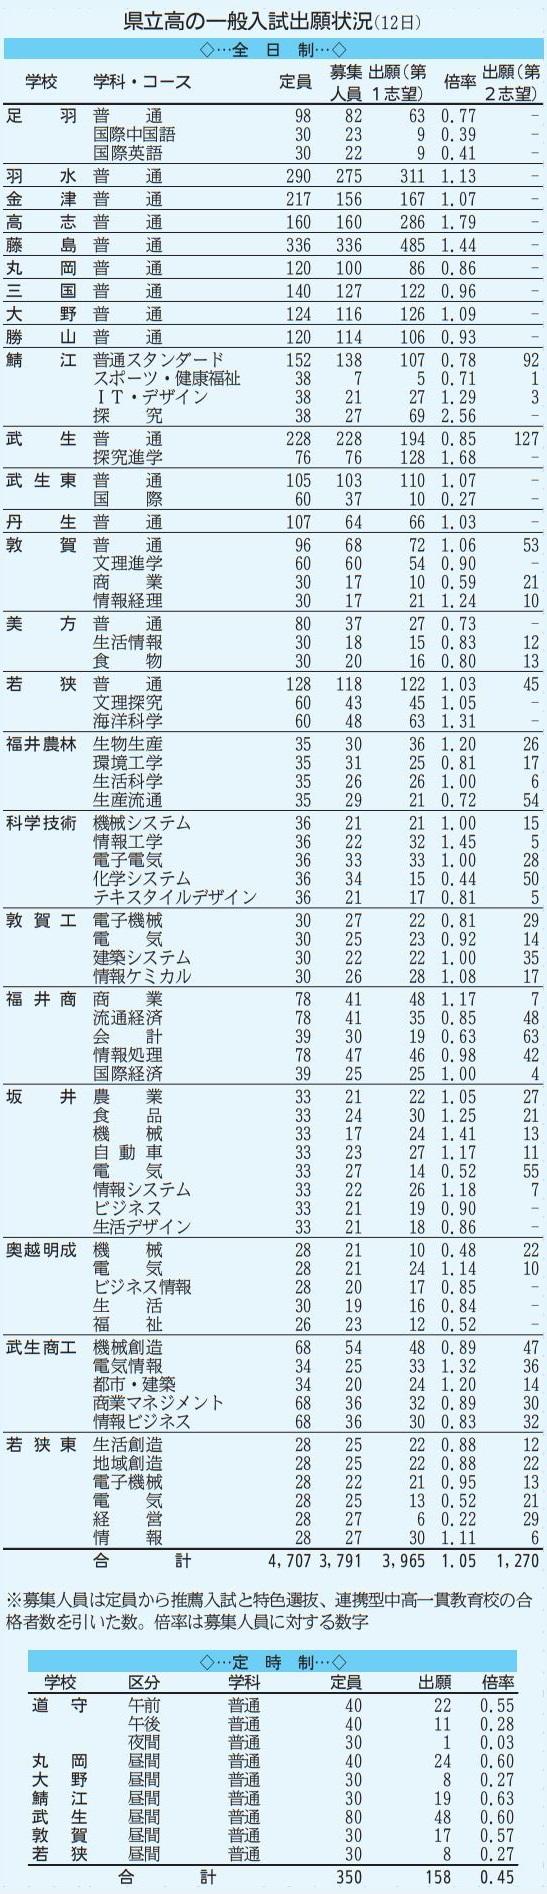 高校 2021 県立 福島 倍率